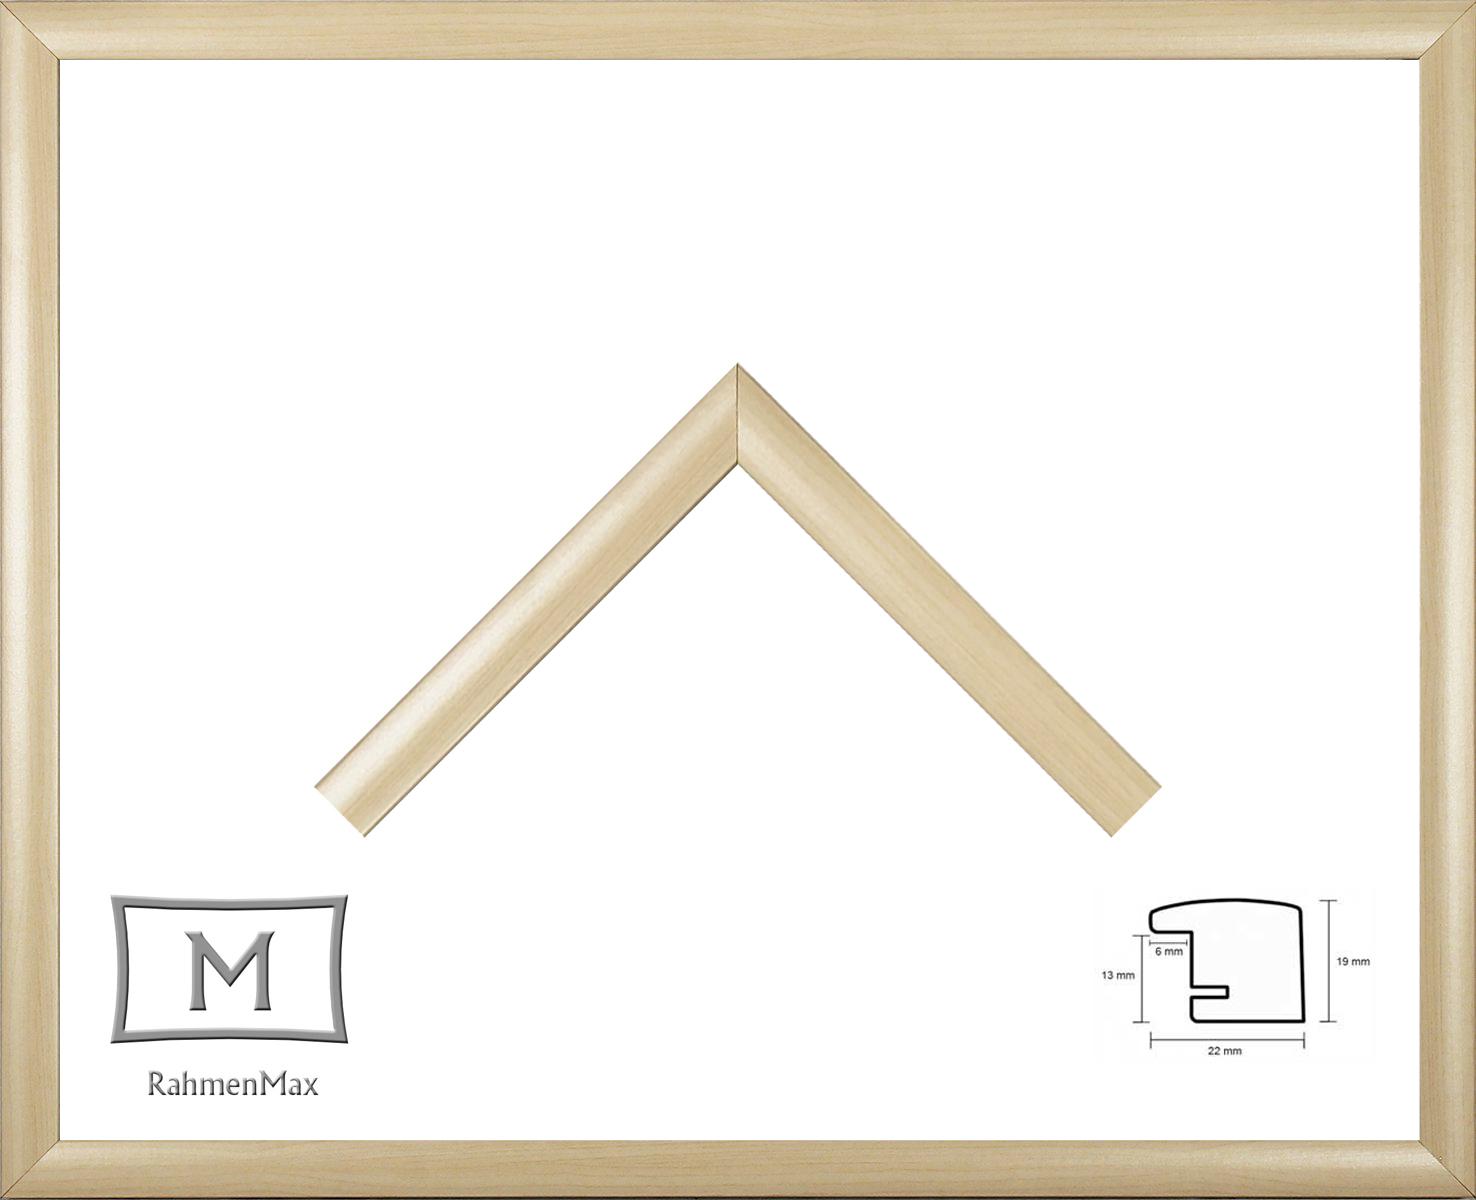 29,7 x 42 cm DIN A3 Holz Werkstoff Rahmen Tirol für Puzzle, Bilder ...